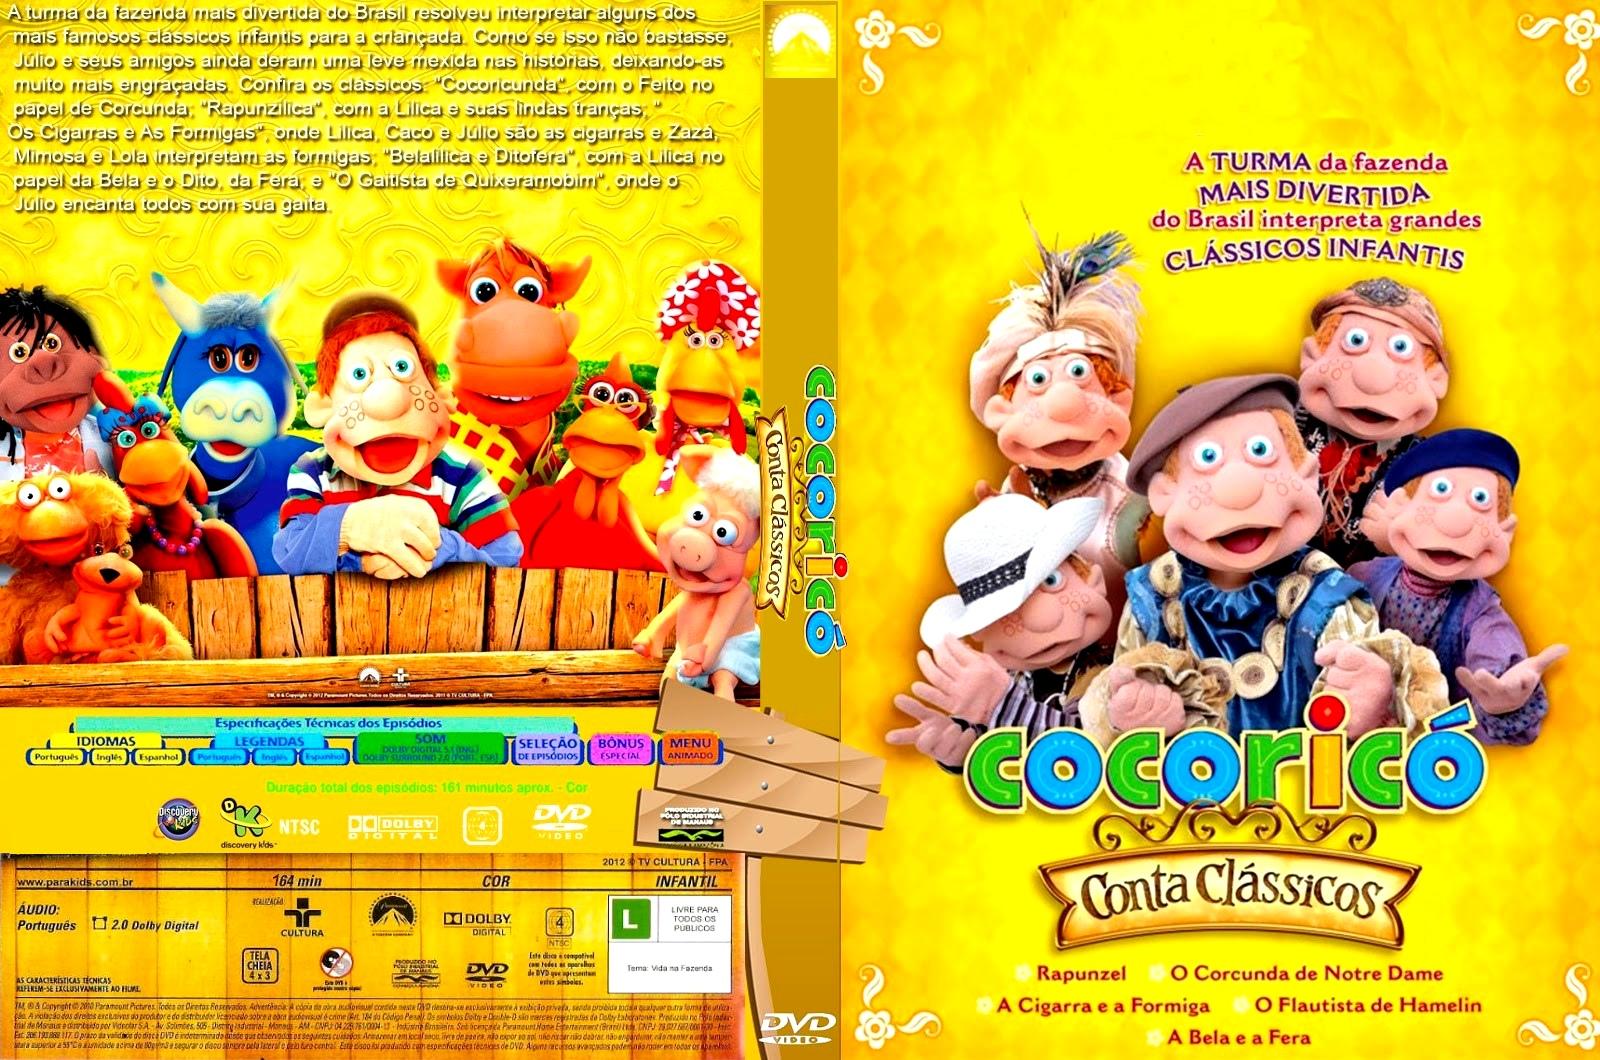 CocoricoContaClassicos